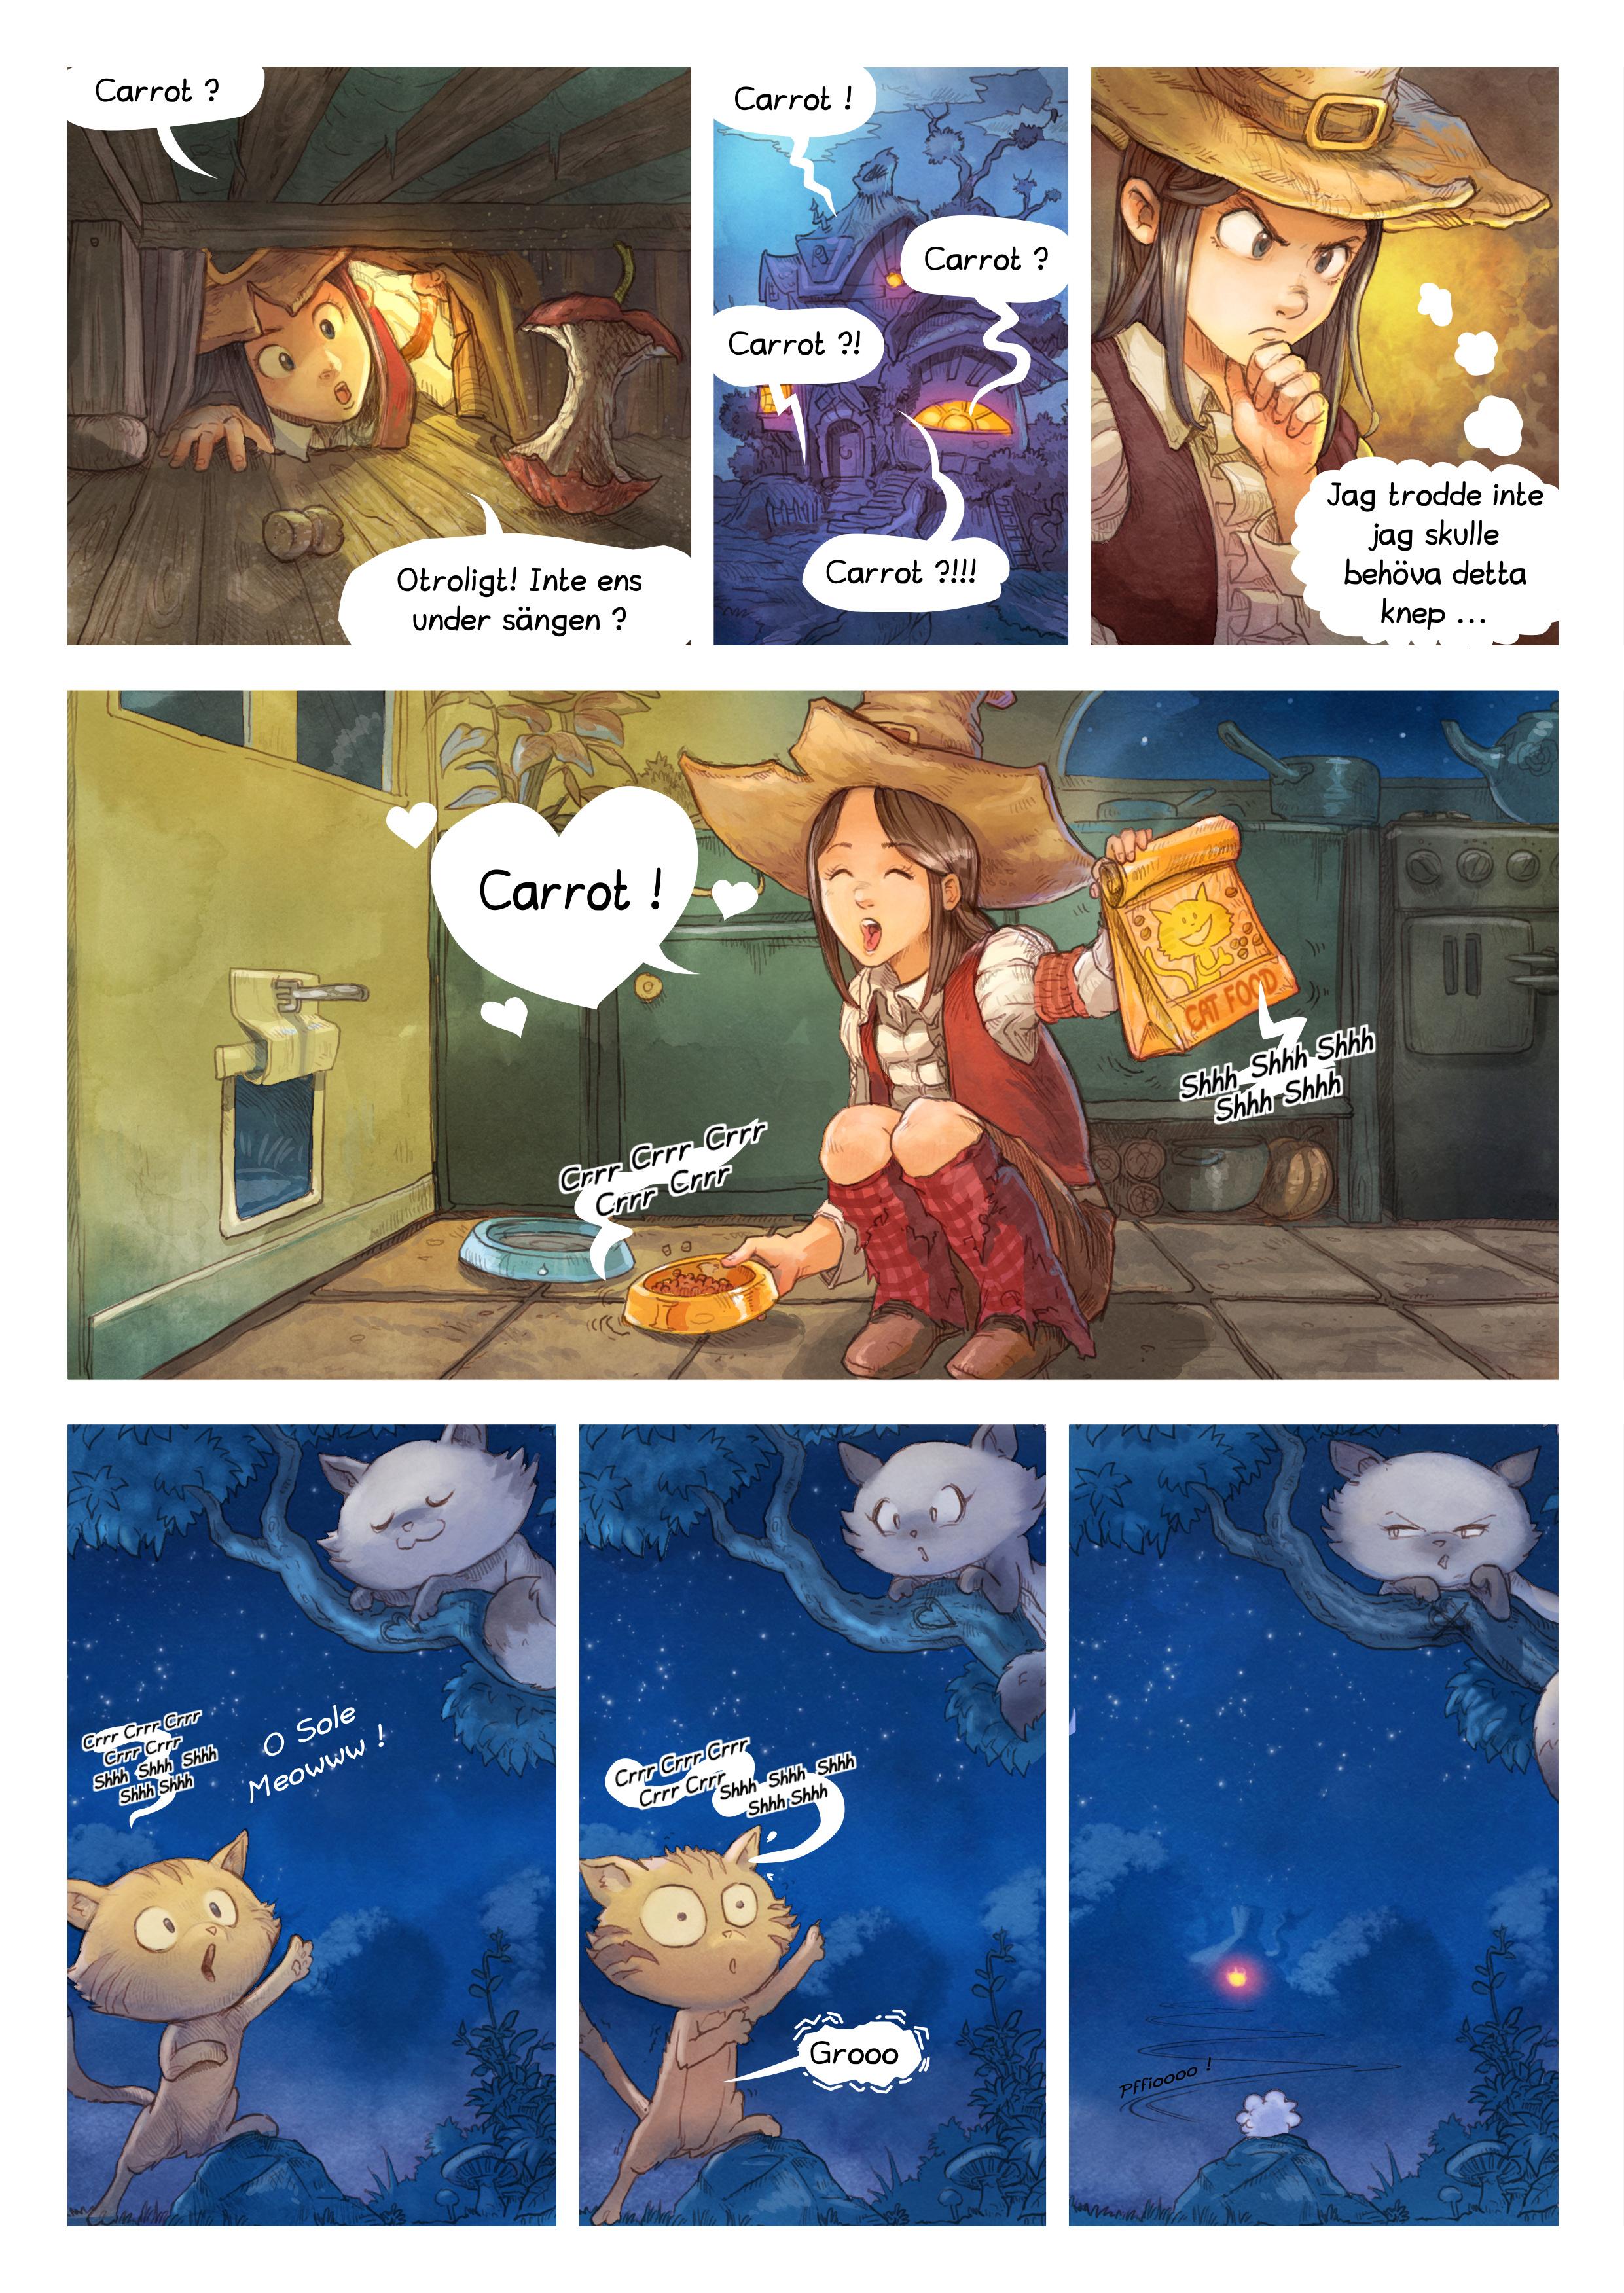 Episode 4: Genidraget, Page 2